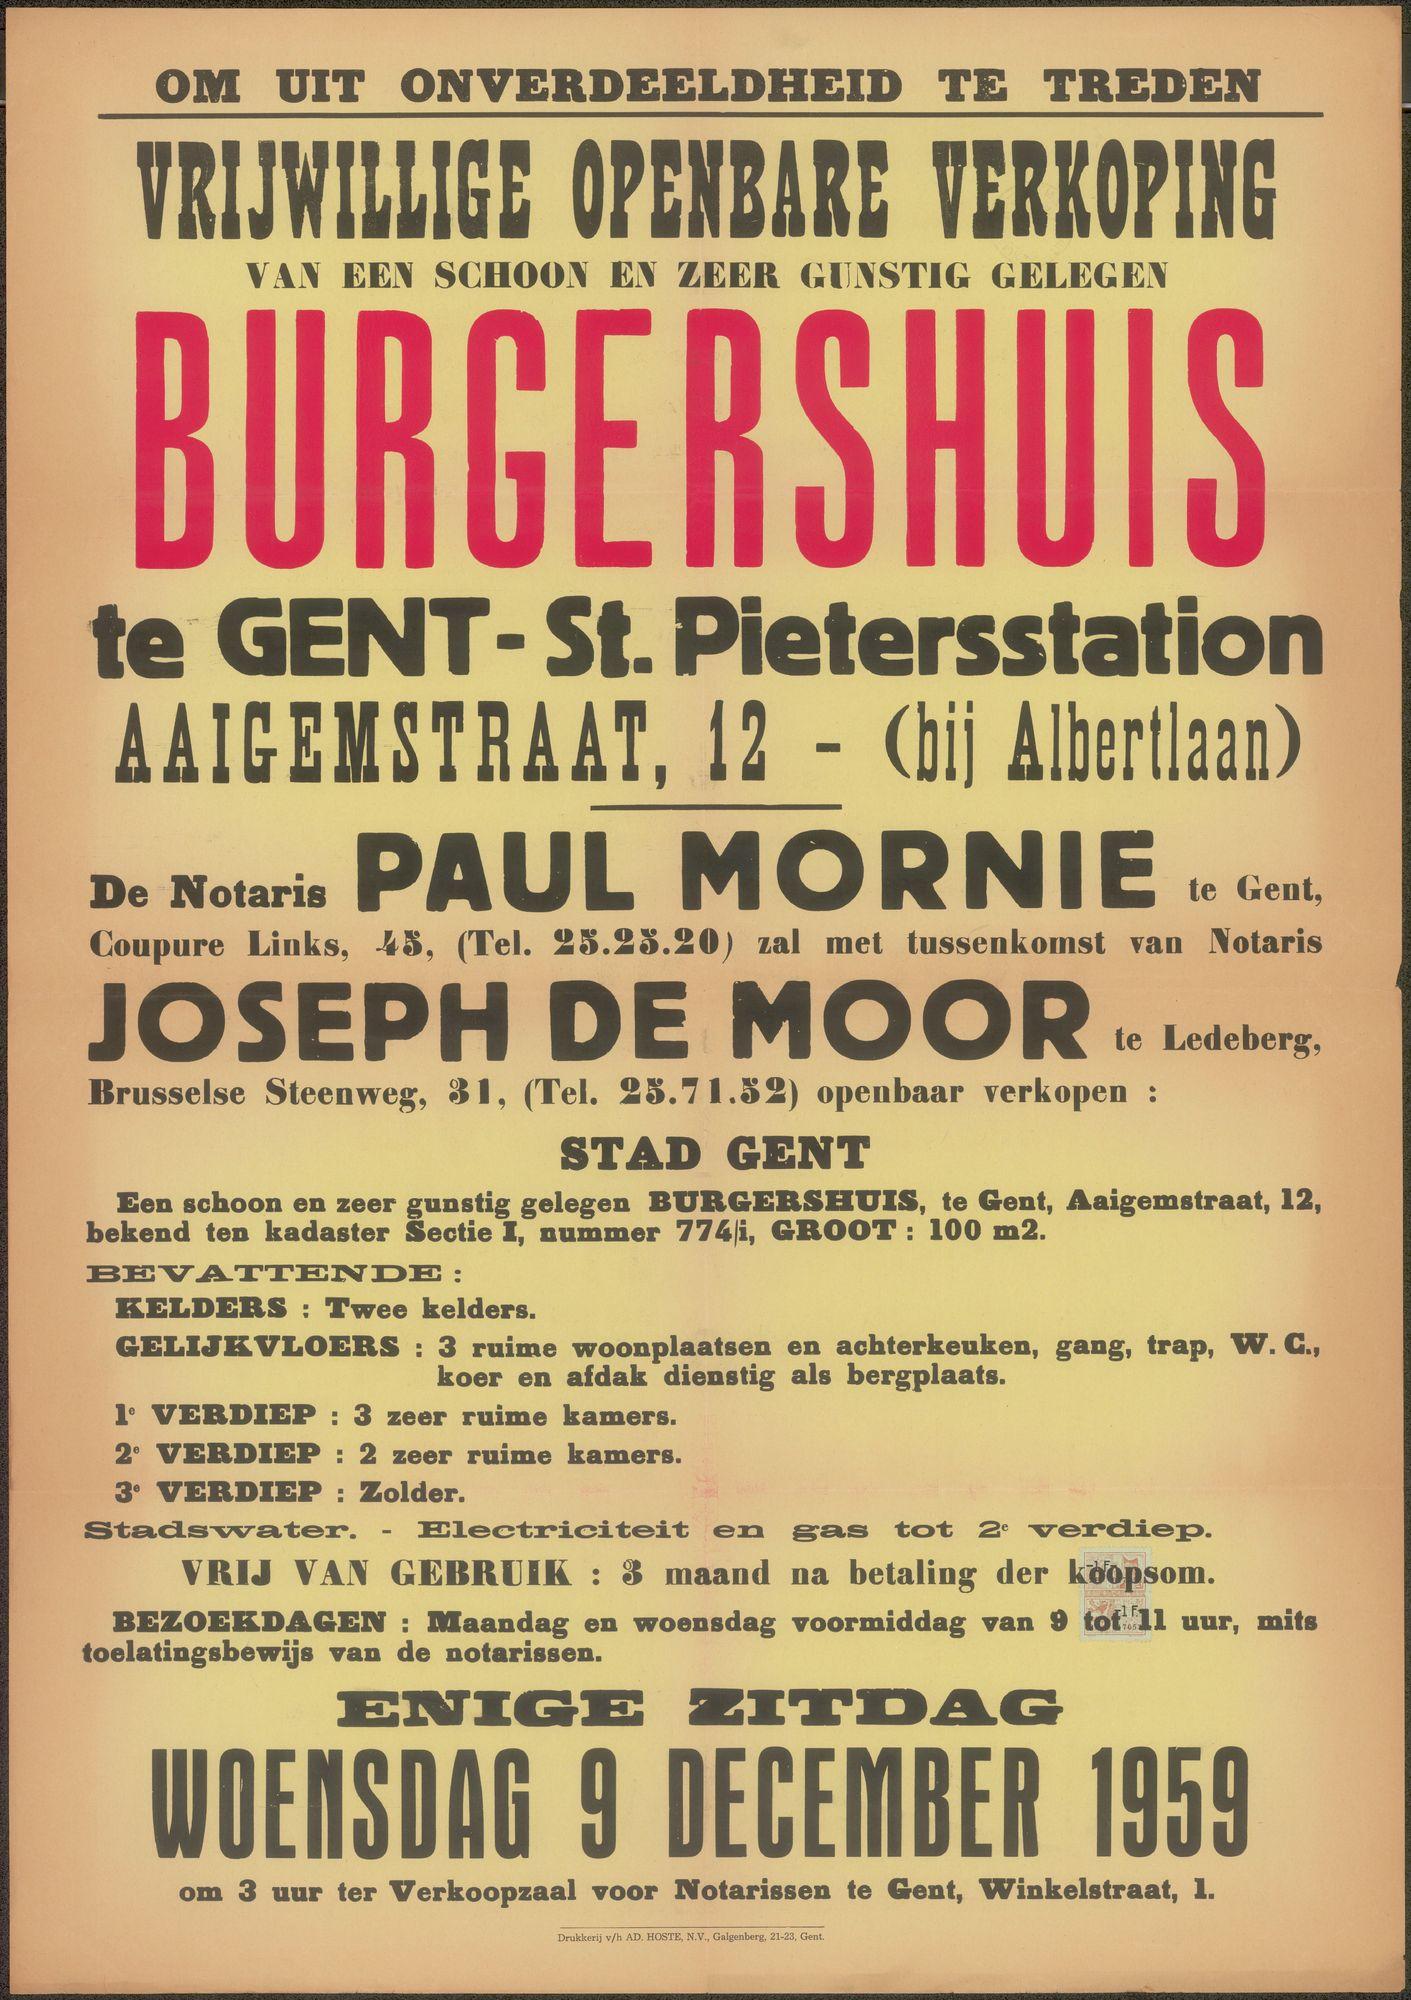 Vrijwillige openbare verkoop van een schoon en zeer gunstig gelegen burgershuis te Gent - St. Pietersstation, Aaigemstraat, nr.12 (bij Albertlaan), Gent, 9 december 1959